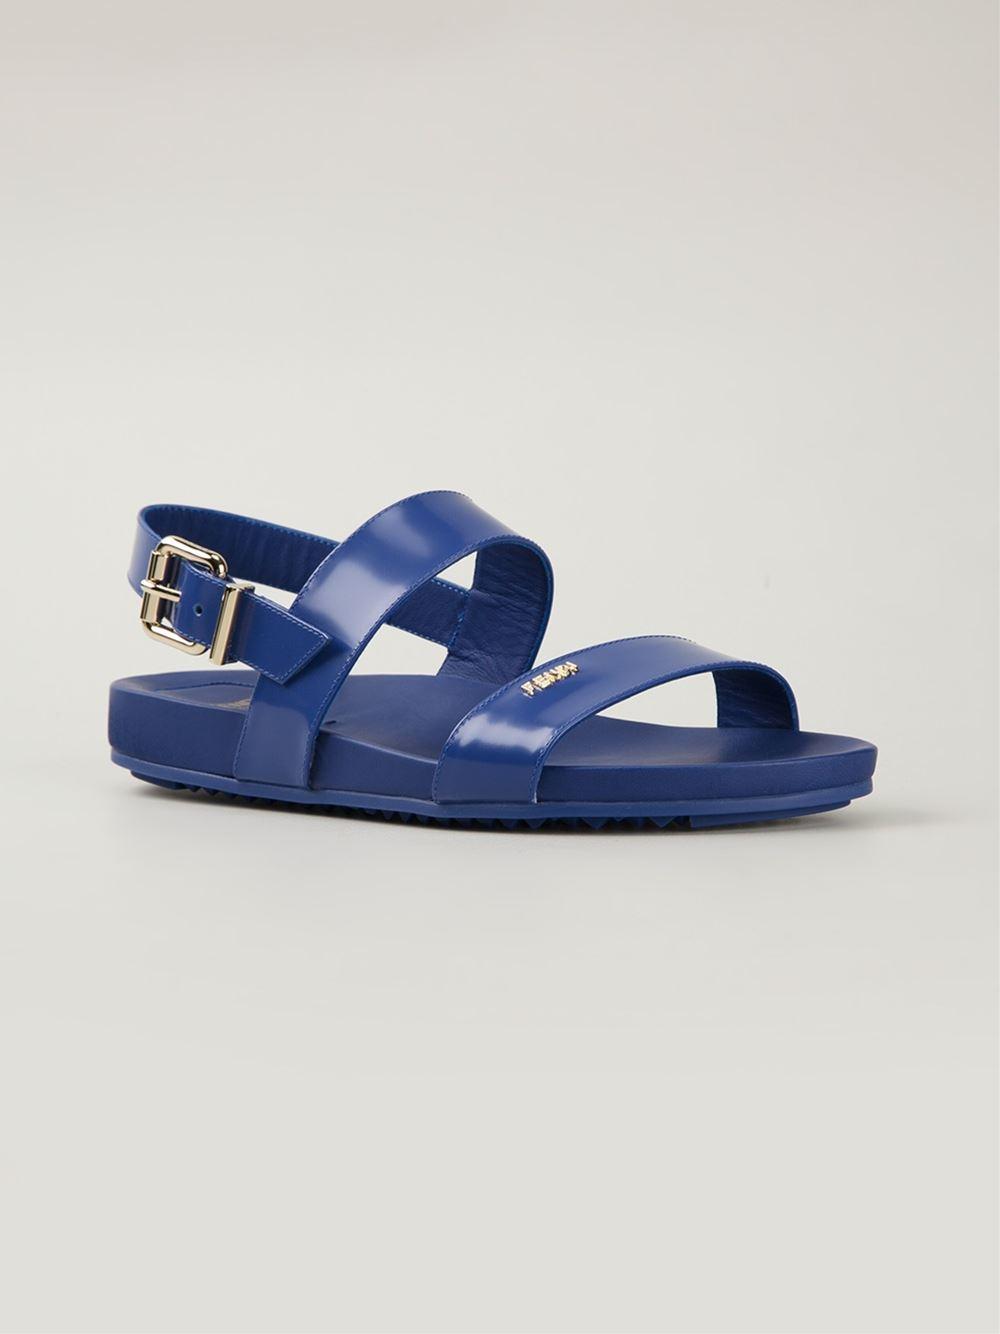 bdec32c5babf Lyst - Fendi Strappy Flat Sandals in Blue